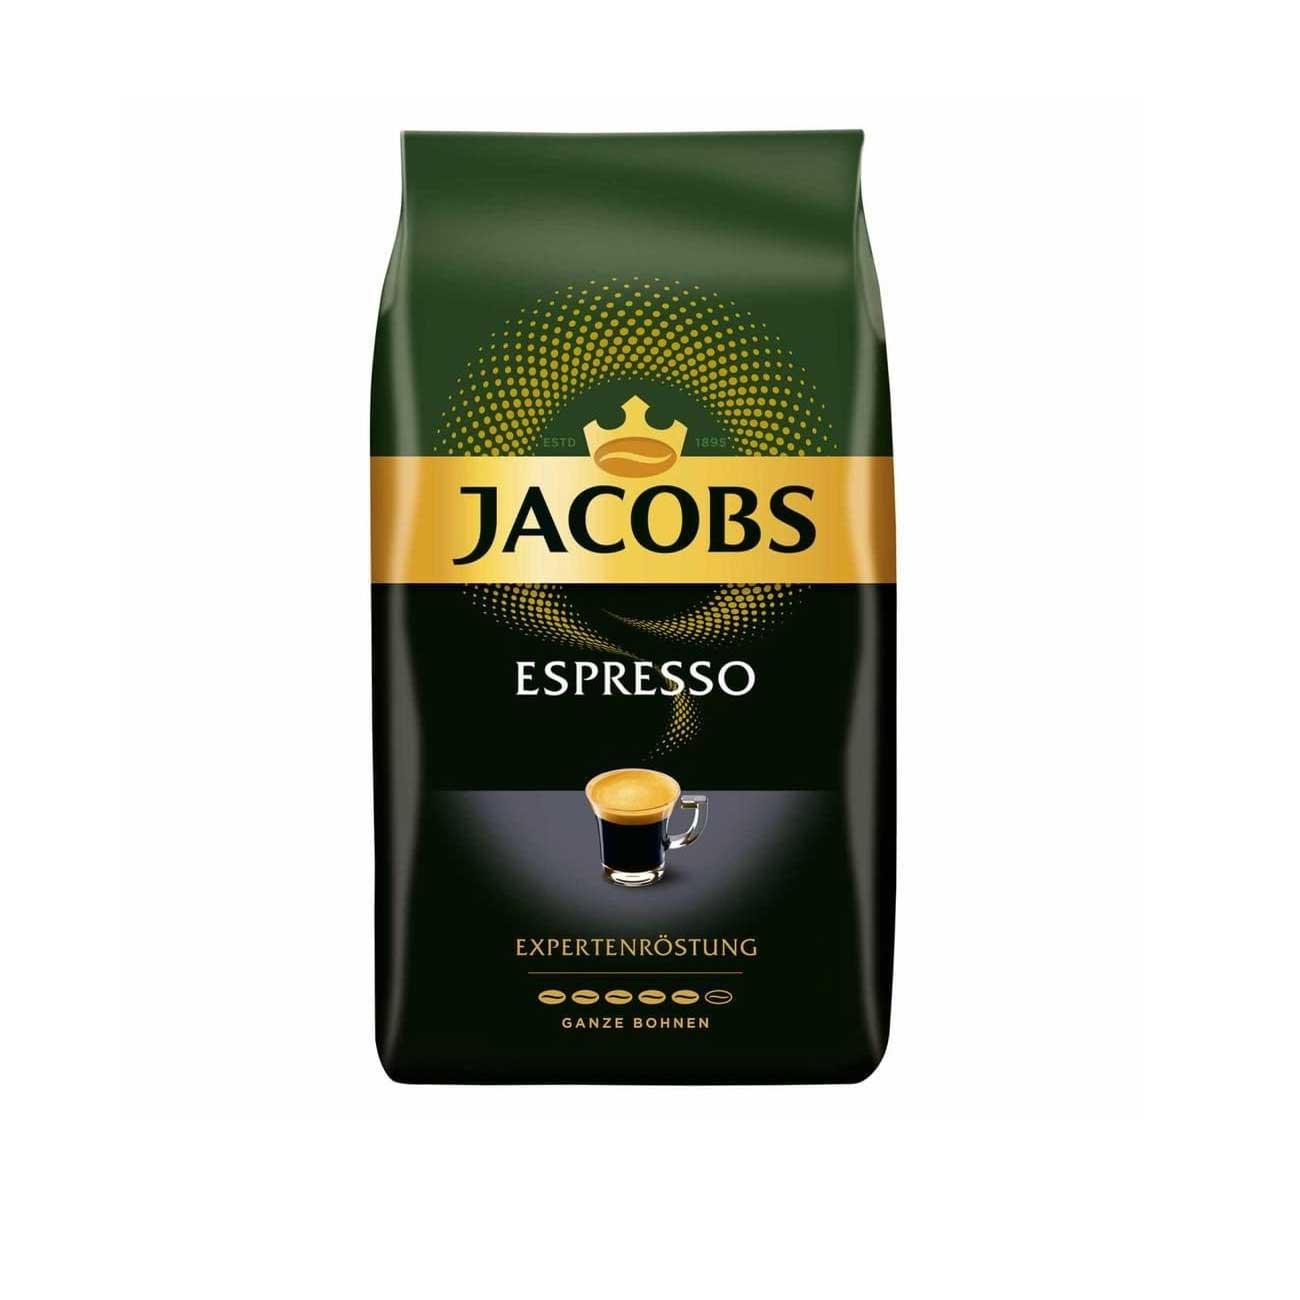 دانه قهوه اسپرسو جاکوبز - 1000 گرم